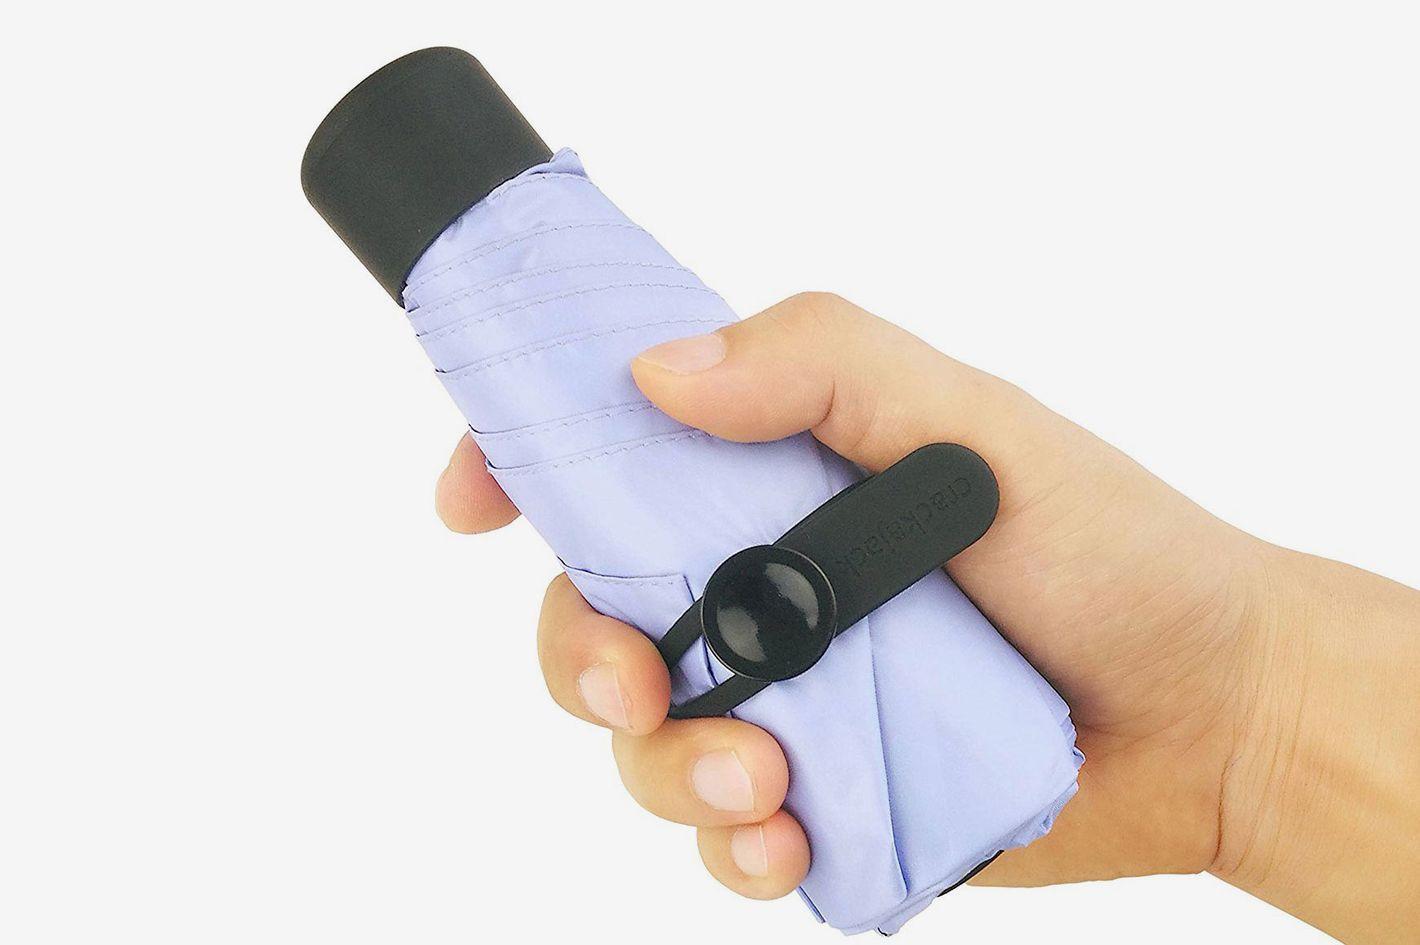 Crackajack Umbrella